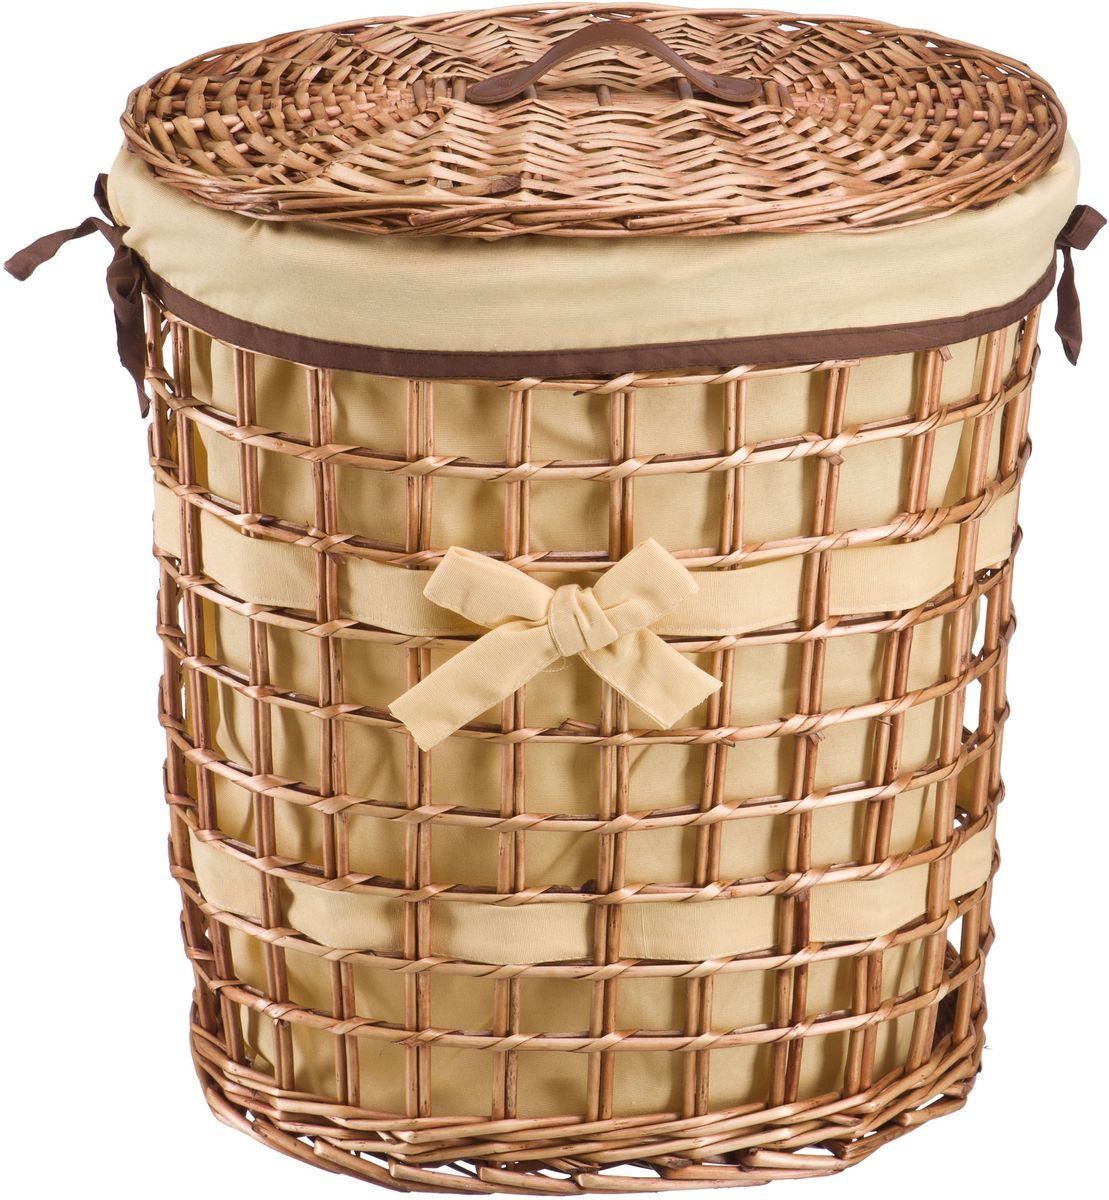 Корзина для белья Natural House Бантик, цвет: коричневый, 49 х 36 х 55 см корзина для белья natural house лаванда высокая цвет белый 48 х 36 х 55 см